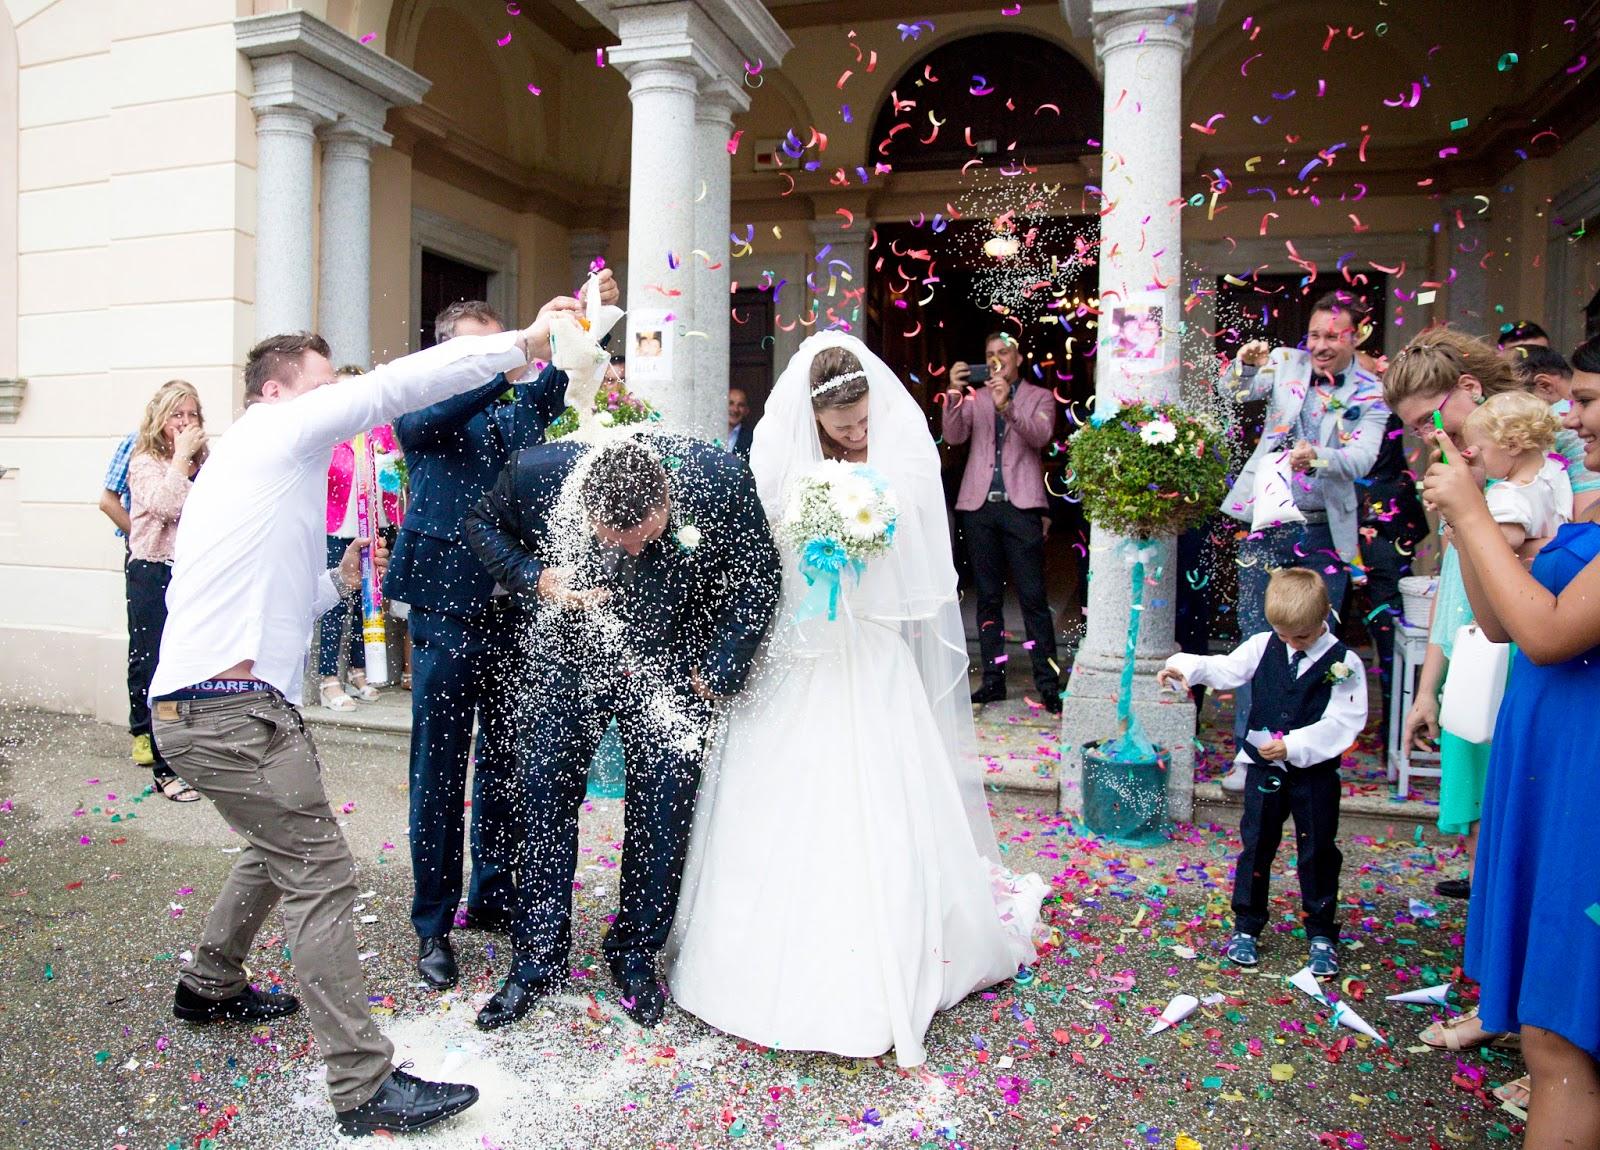 Ospite Matrimonio Vestito Uomo : Consigli matrimonio come deve comportarsi l invitato